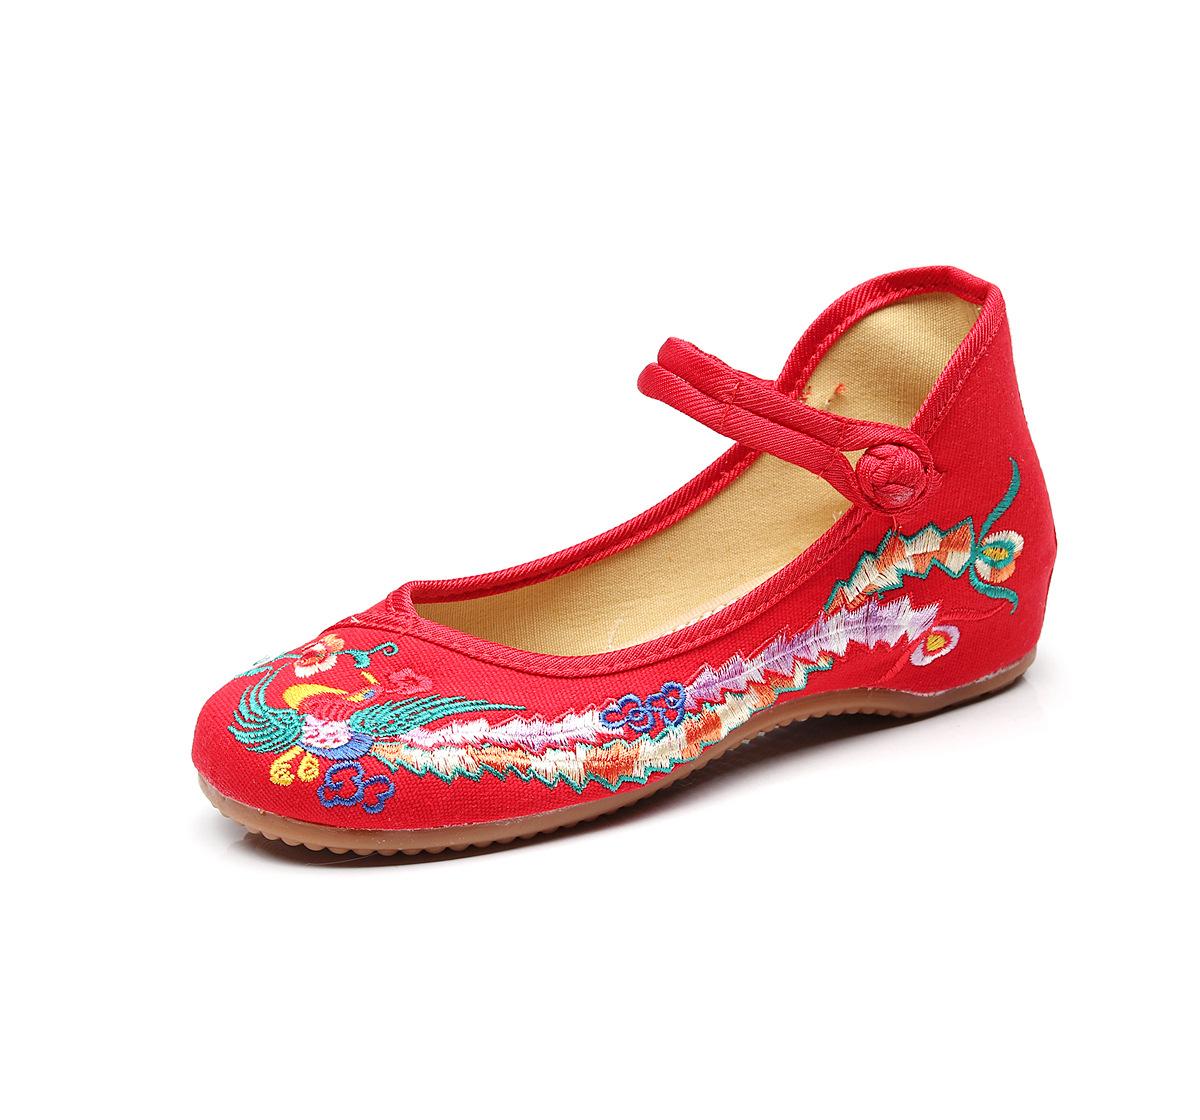 女士低帮鞋绣花鞋帆布鞋广场舞蹈鞋太阳花梅花芙蓉花凤凰彩凤迦叶